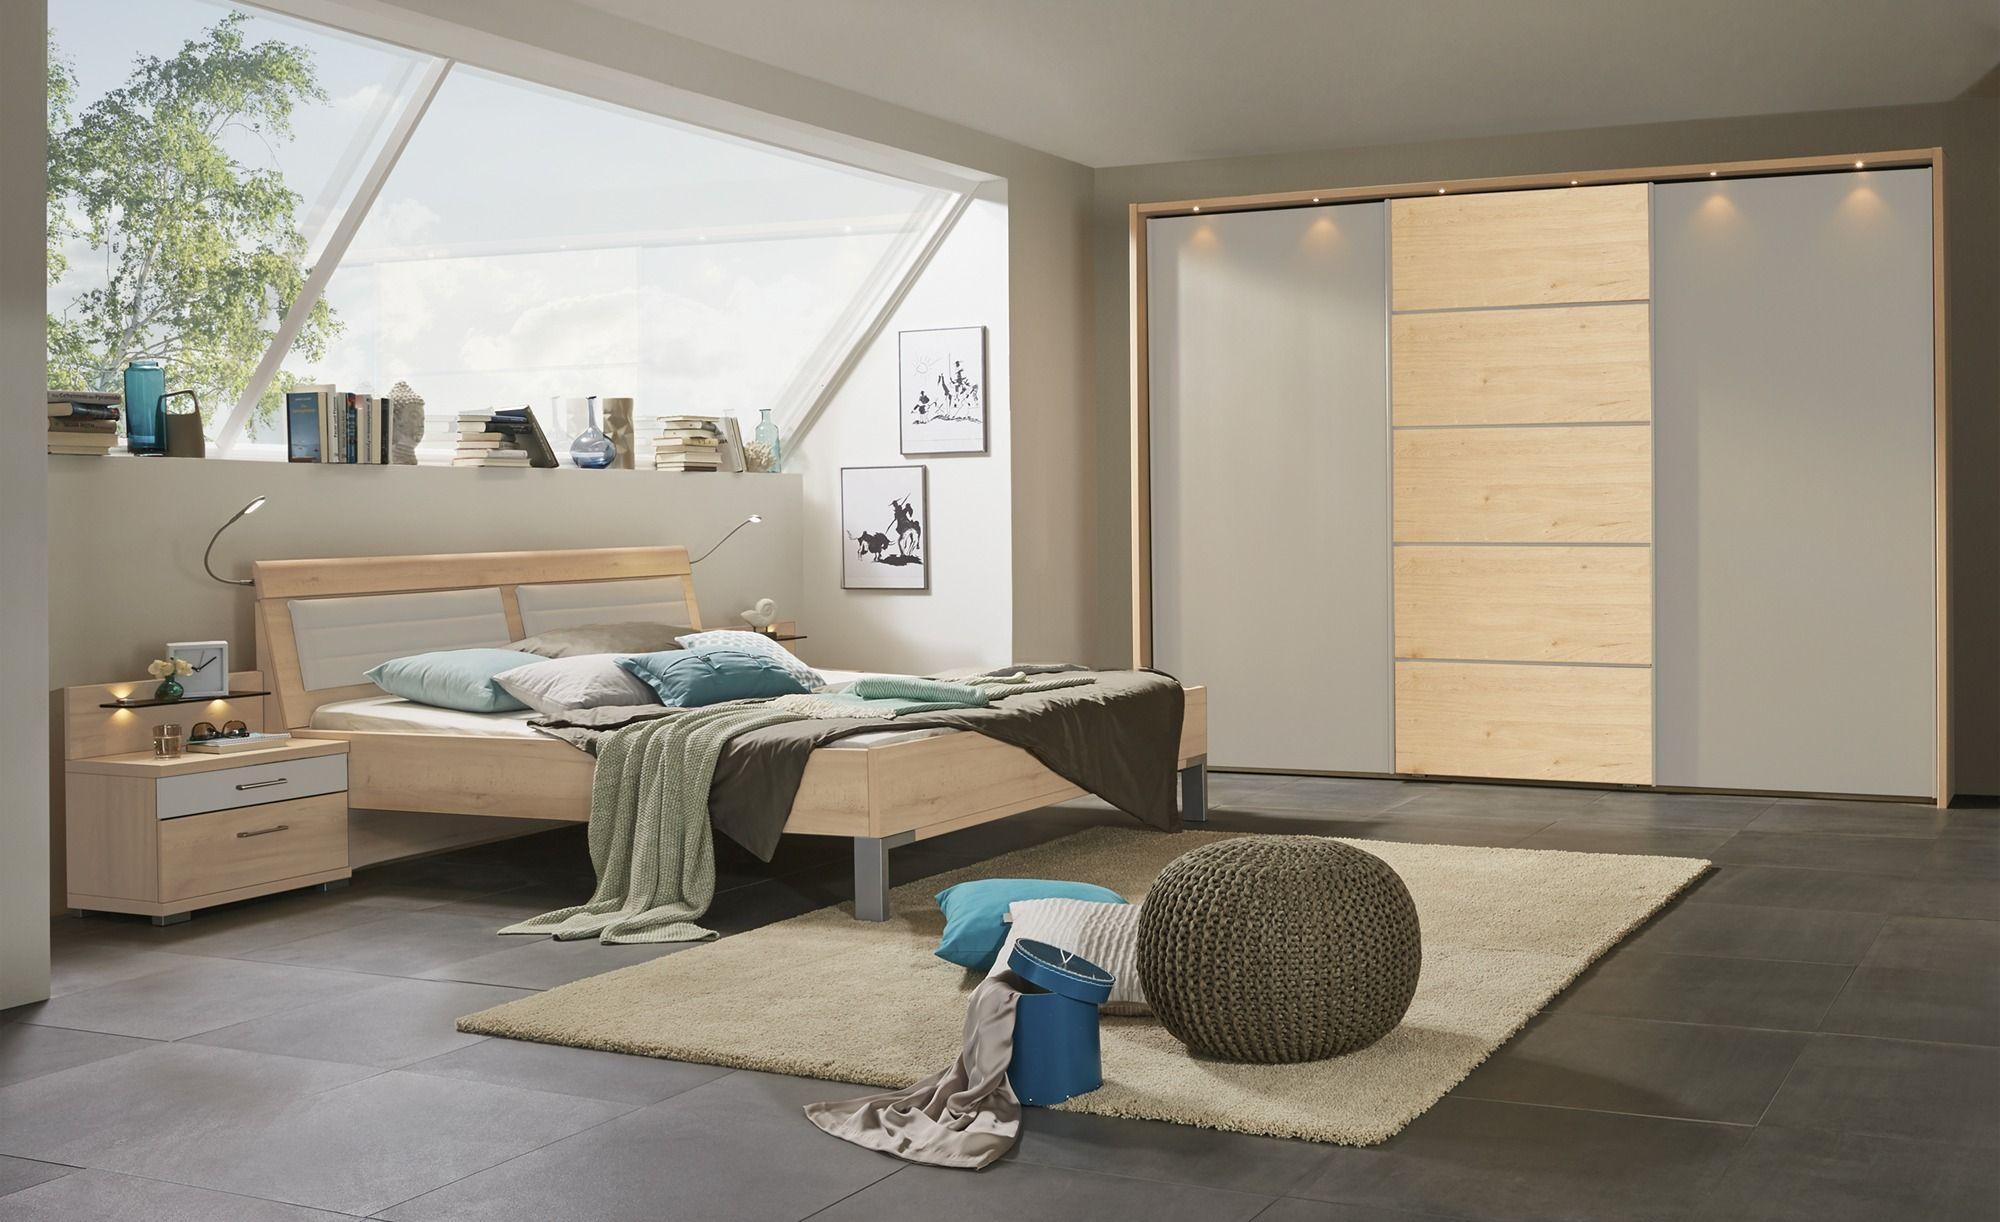 Full Size of Uno Komplett Schlafzimmer 4 Teilig Rgen 2 Komplettes Nolte Deckenleuchte Modern Vorhänge Schranksysteme Wandtattoo Mit überbau Schrank Deckenlampe Guenstig Schlafzimmer Komplettes Schlafzimmer